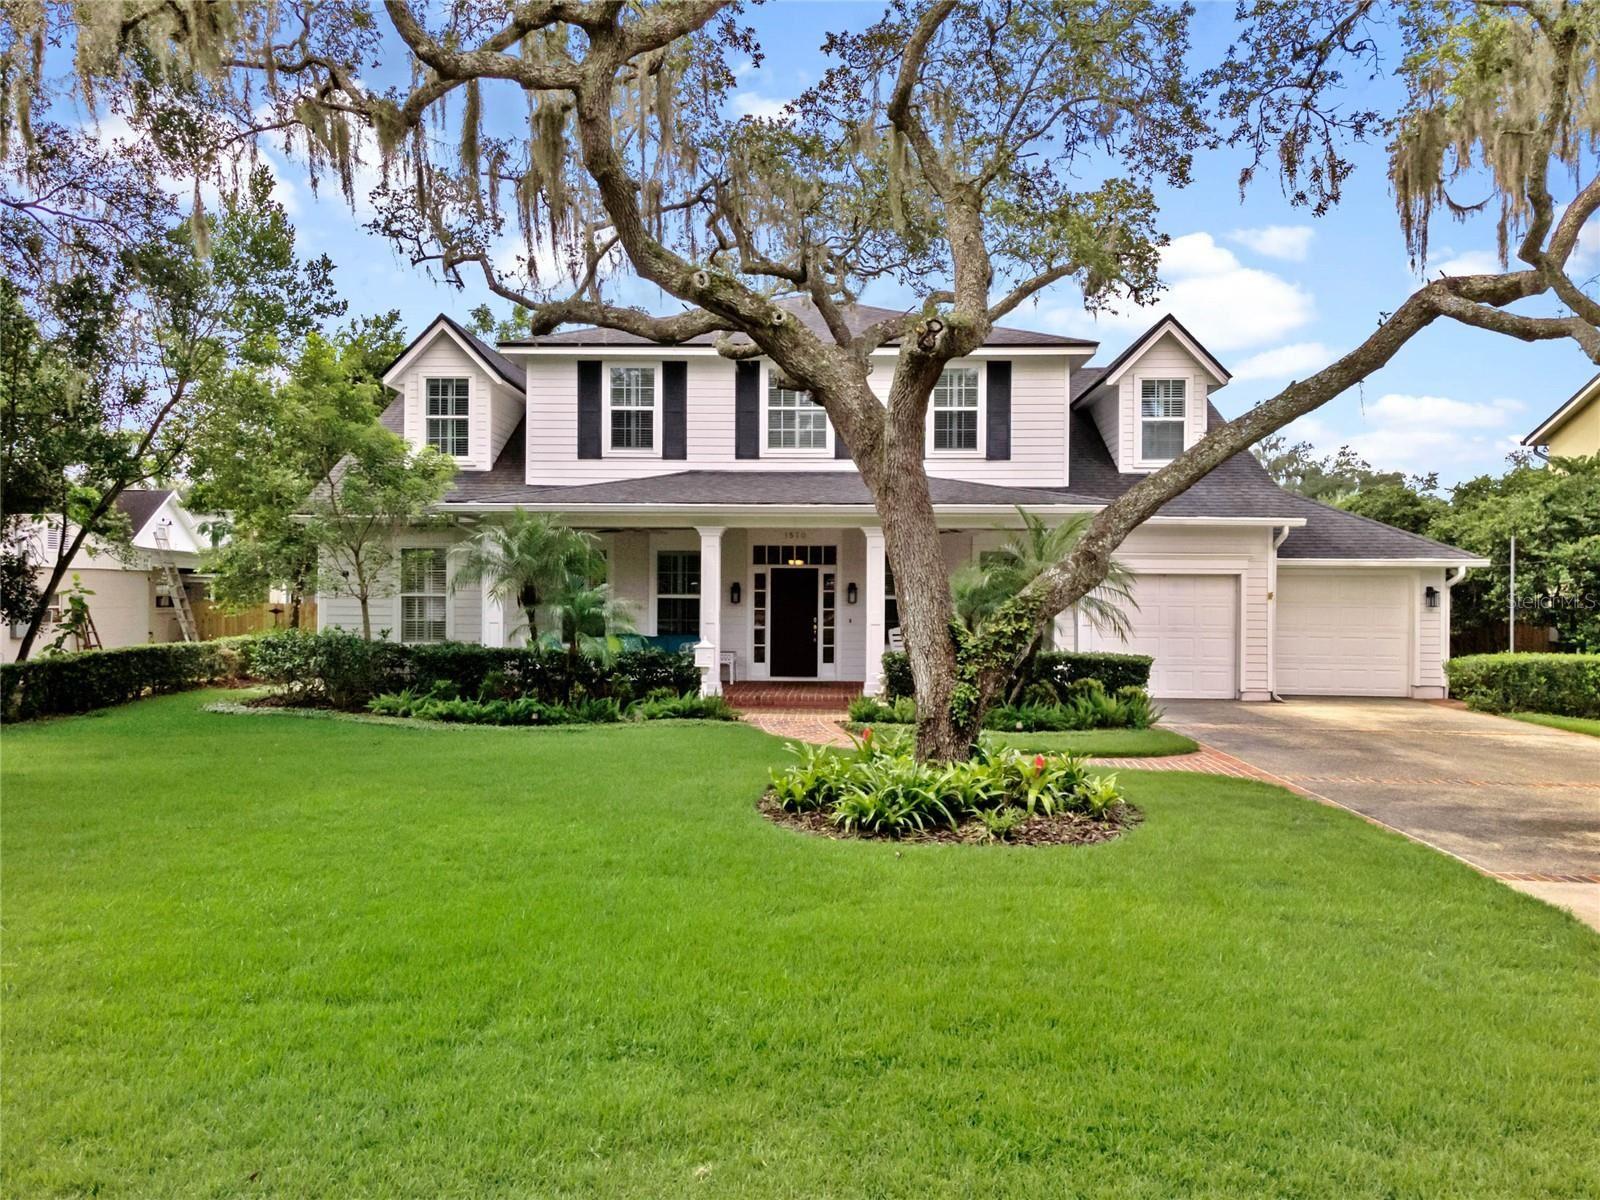 1570 ELM AVENUE, Winter Park, FL 32789 - #: O5956714